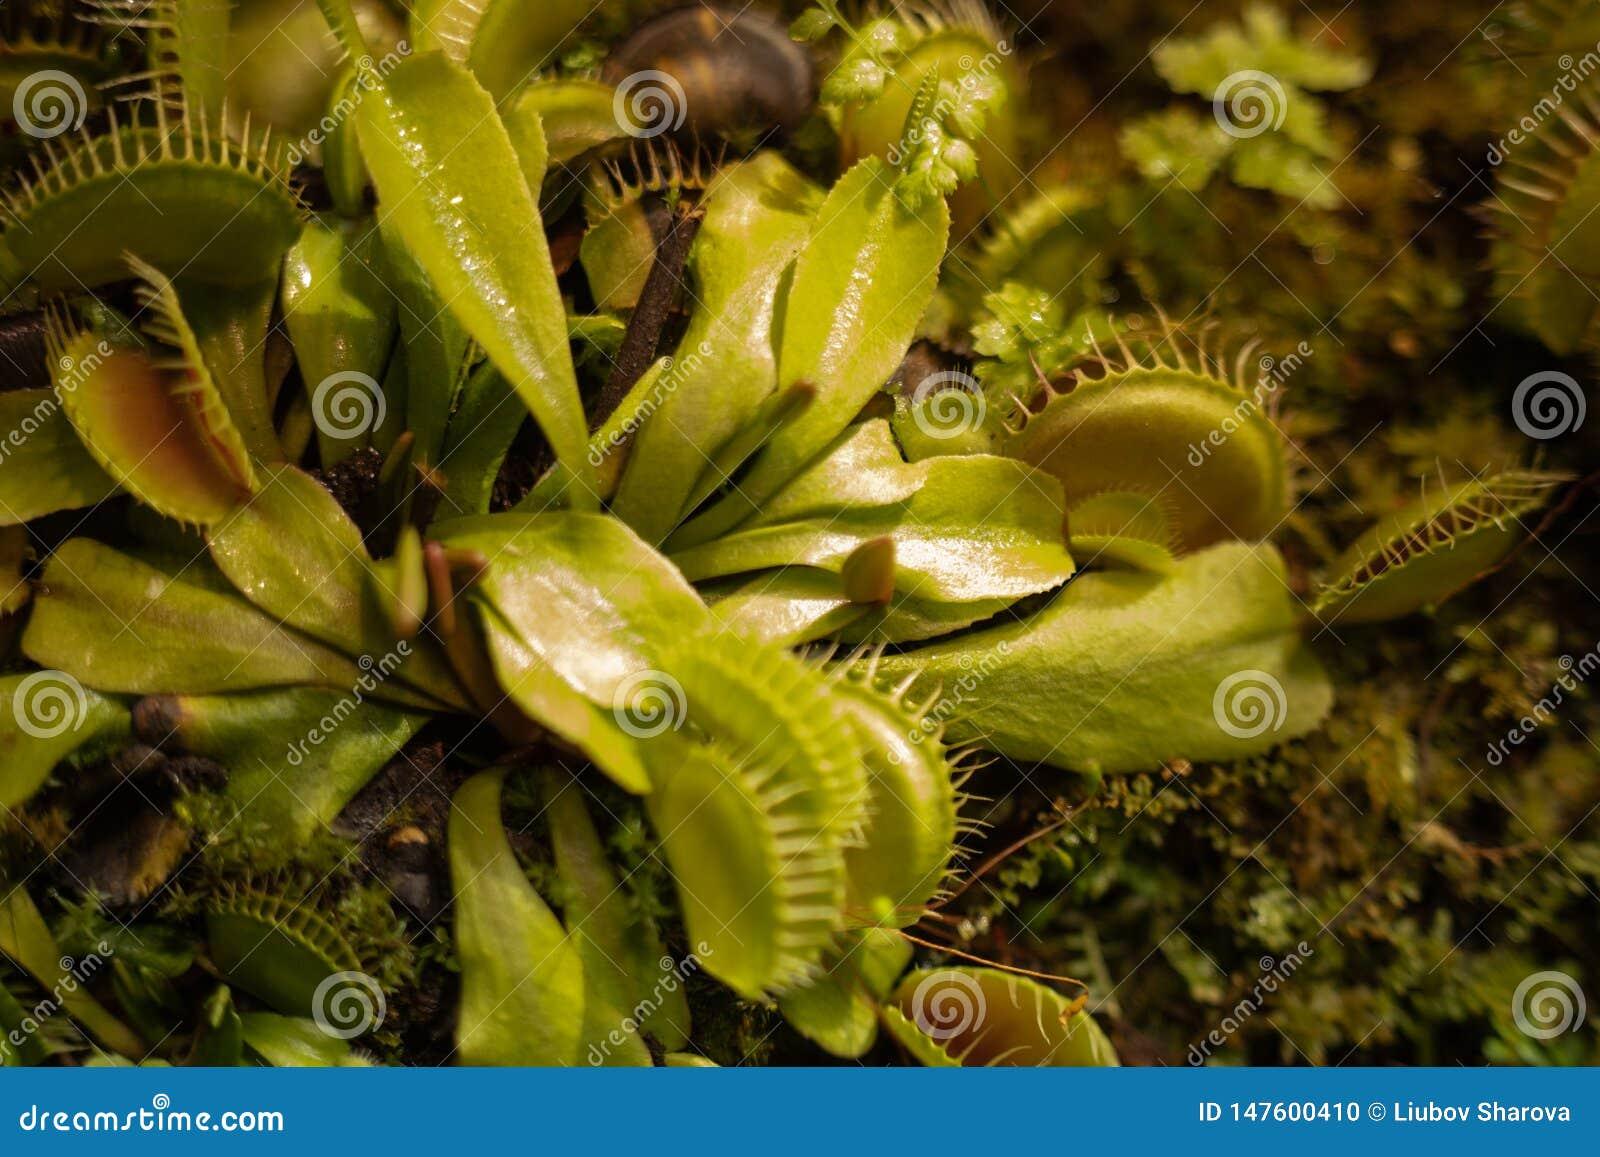 De vleesetende Venus Fly Traps Dionaea-muscipula en van Zonnedauwendrosera capensis Installaties scheiden spijsverteringsenzymen